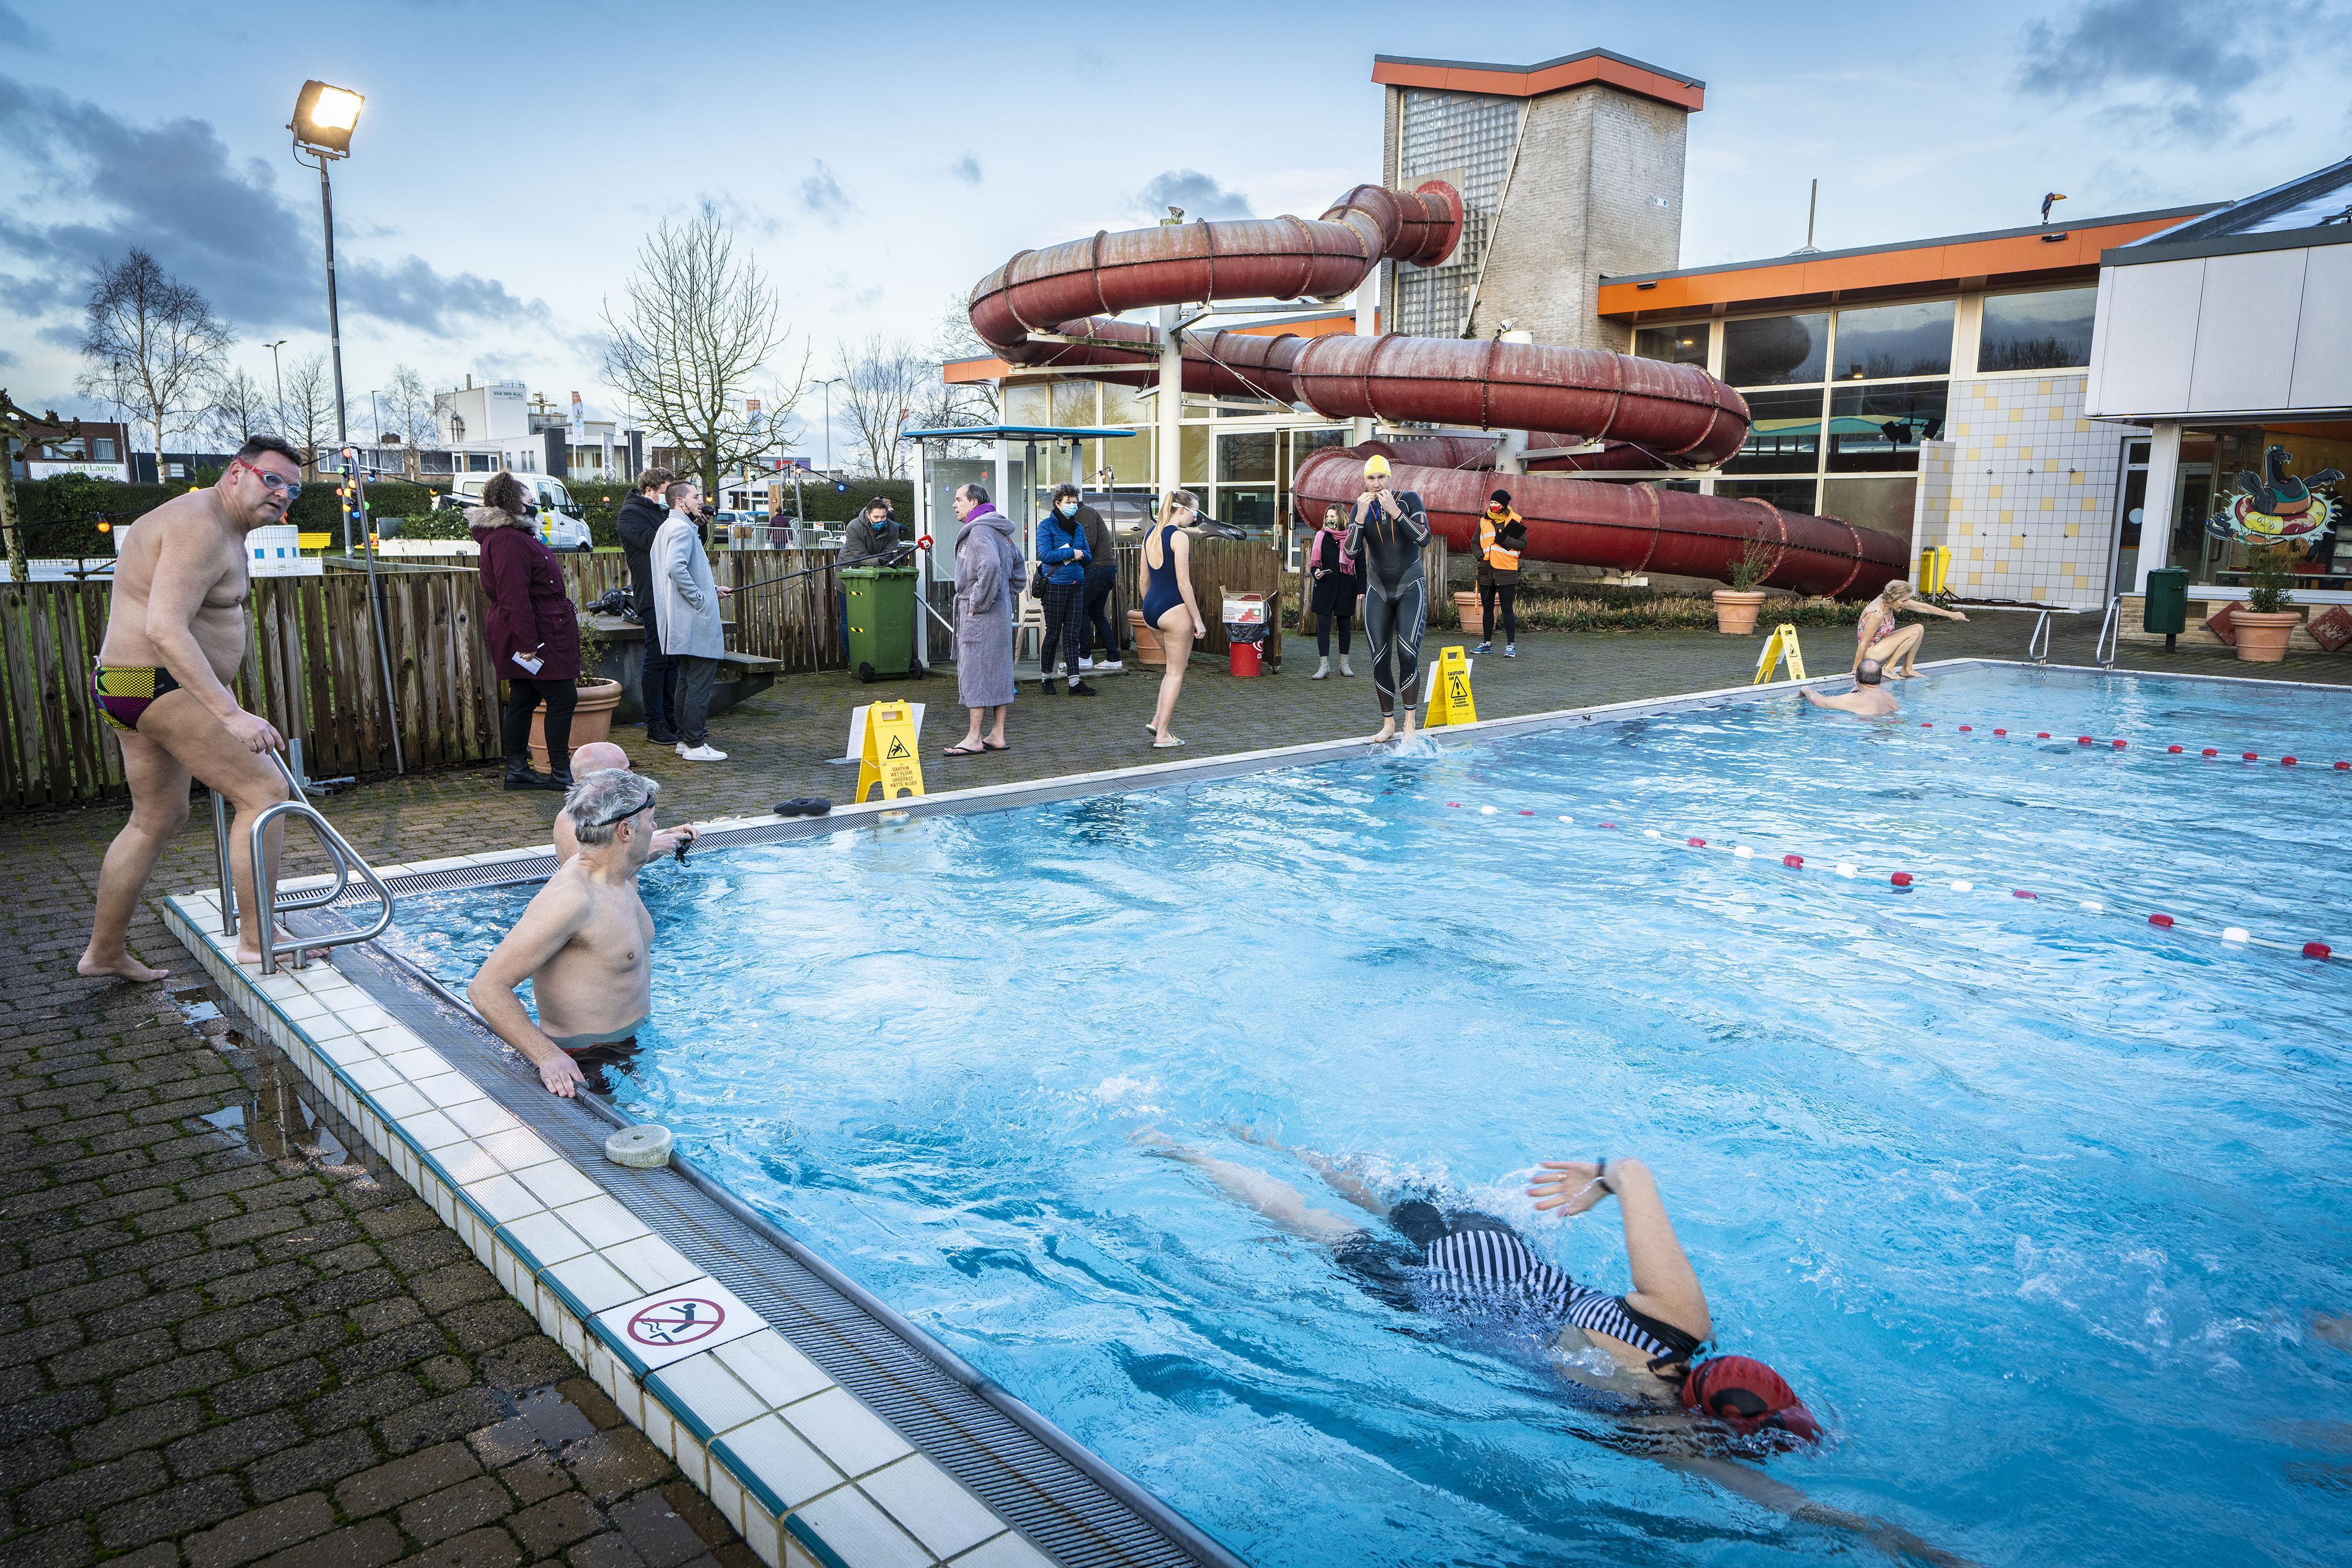 Zwemmers komen superlatieven te kort over mogelijkheid tot 'winterzwemmen' in De Hoorn in Alphen aan den Rijn: 'Fantastisch dat dit kan!'